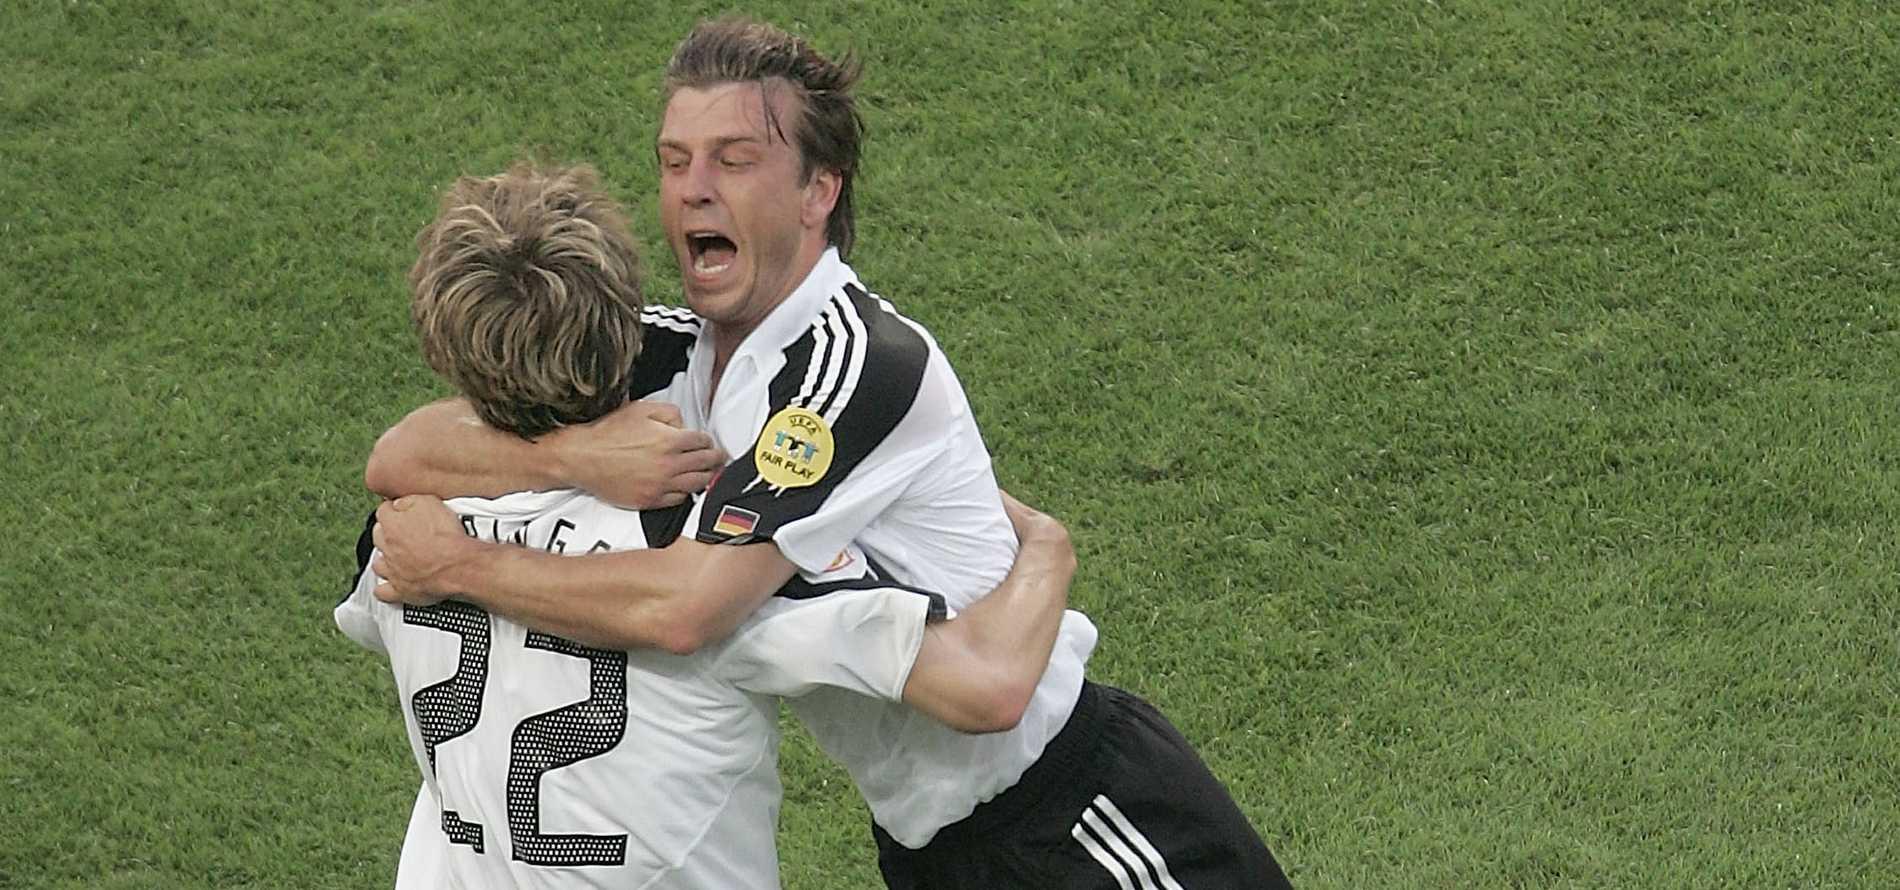 Torsten Frings får en attackkram av Bernd Schneider efter sitt mål i EM 2004.